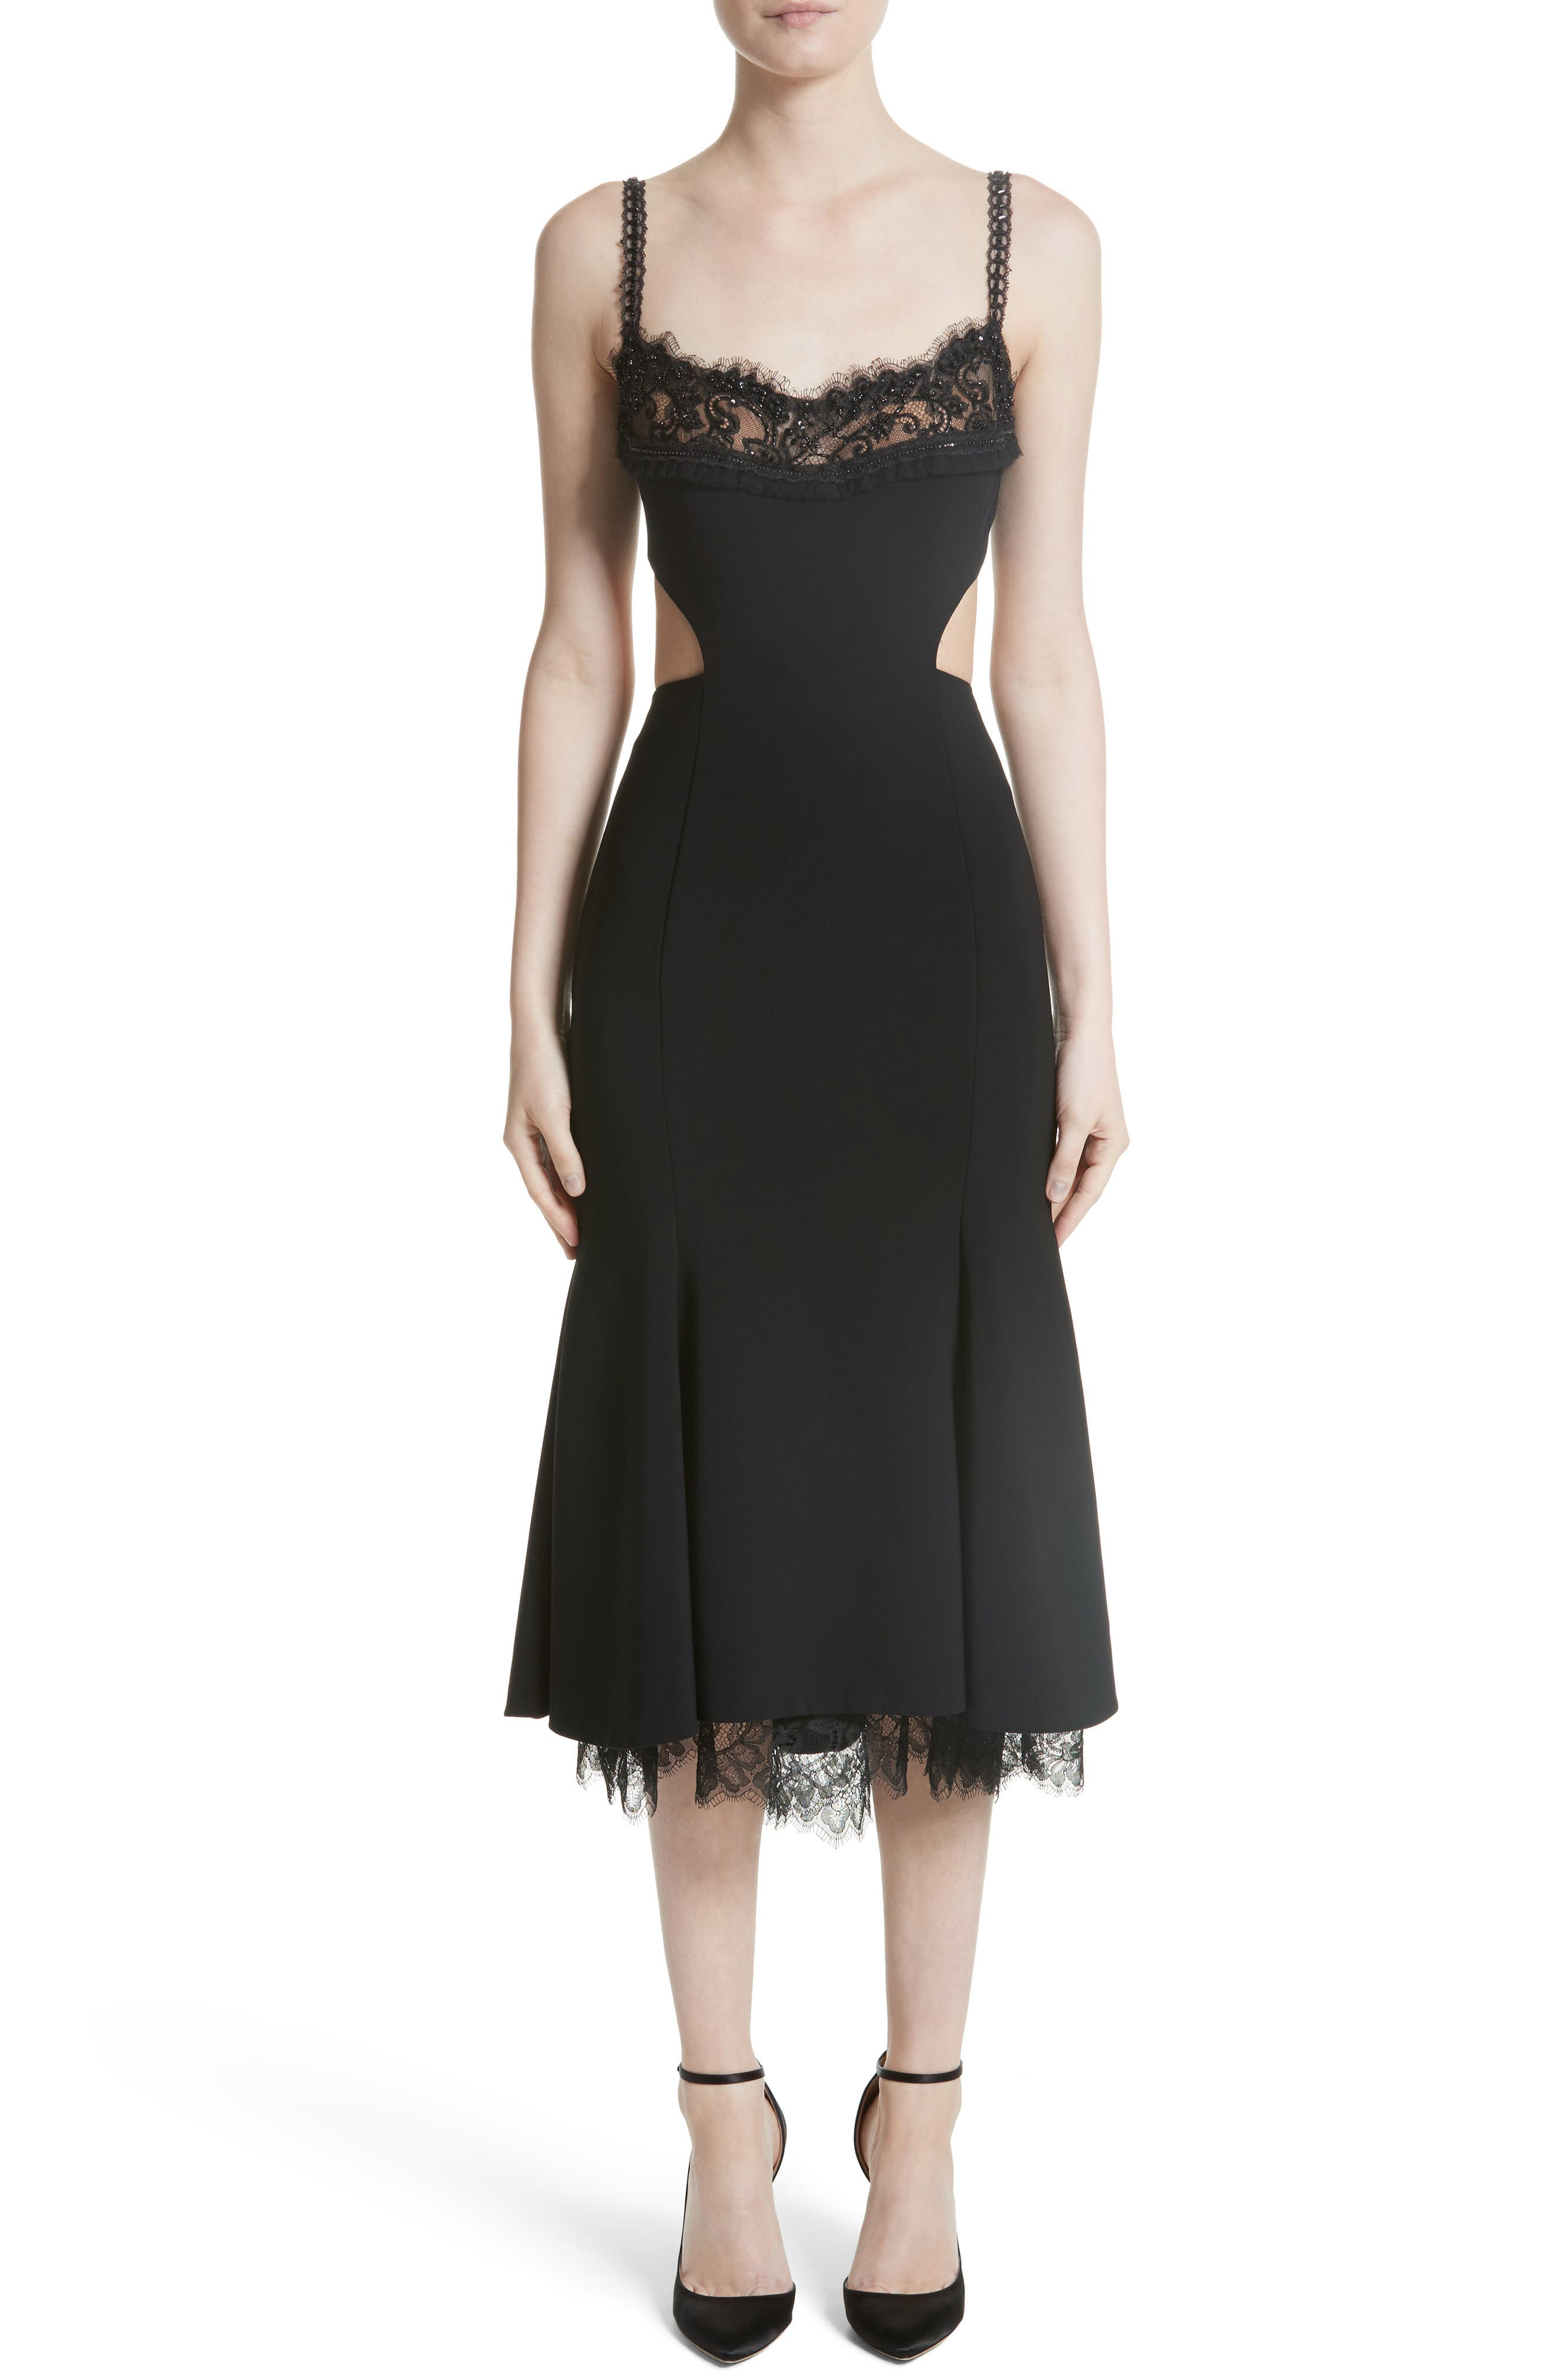 Alternate Image 1 Selected - Marchesa Embellished Fit & Flare Dress